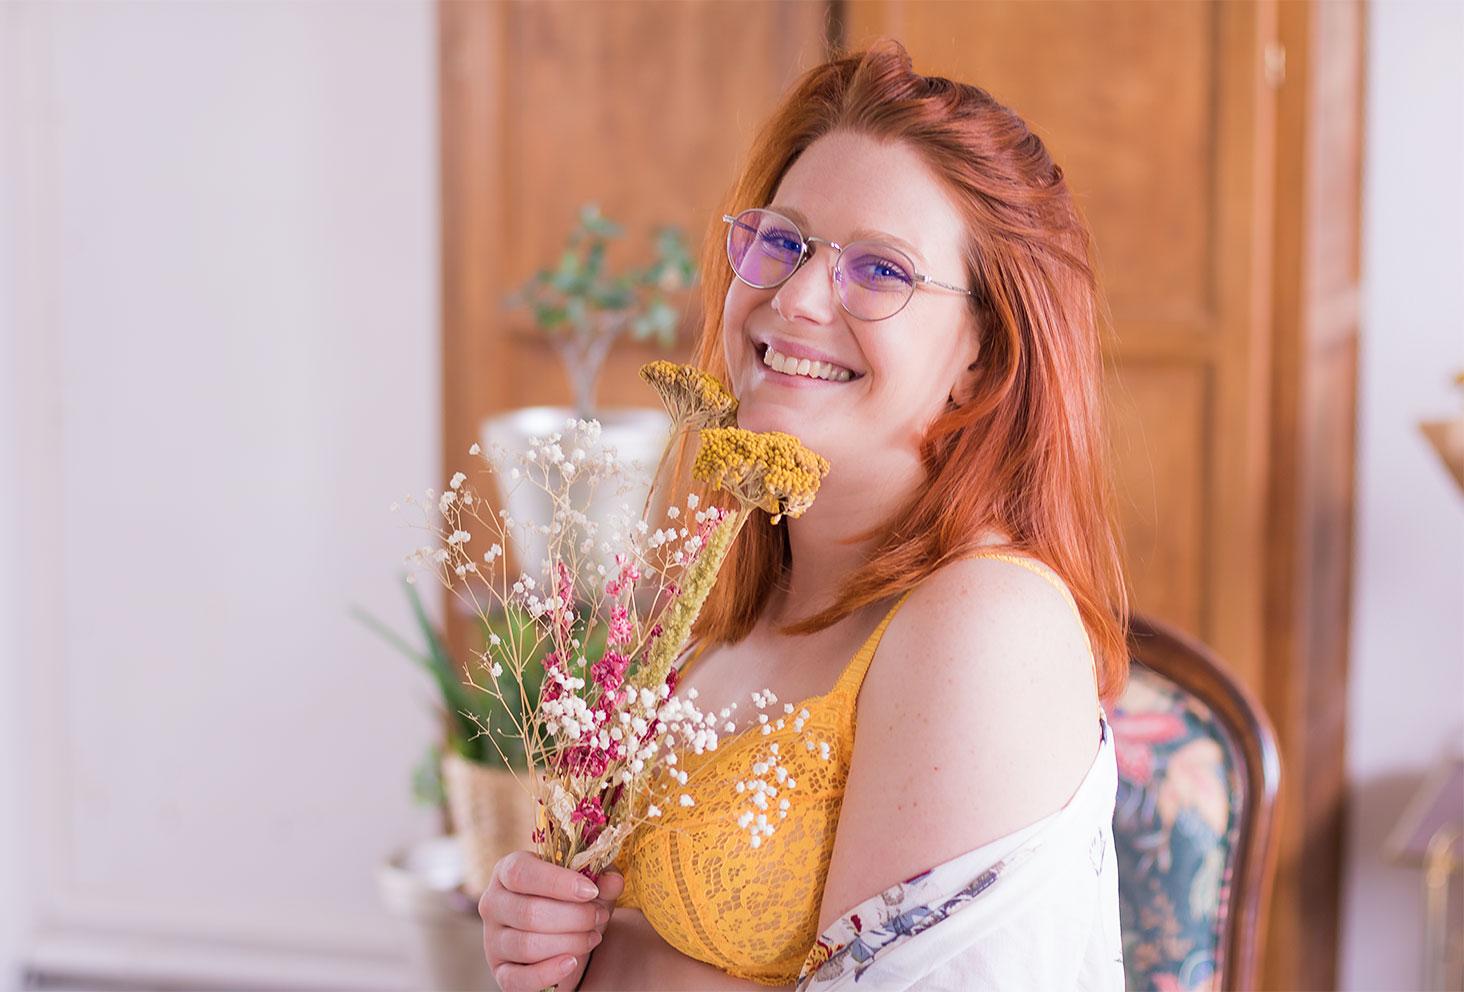 Zoom sur le soutien-gorge jaune en dentelle Pomm'Poire, de profil avec un bouquet de fleurs sèches entre les mains avec le sourire